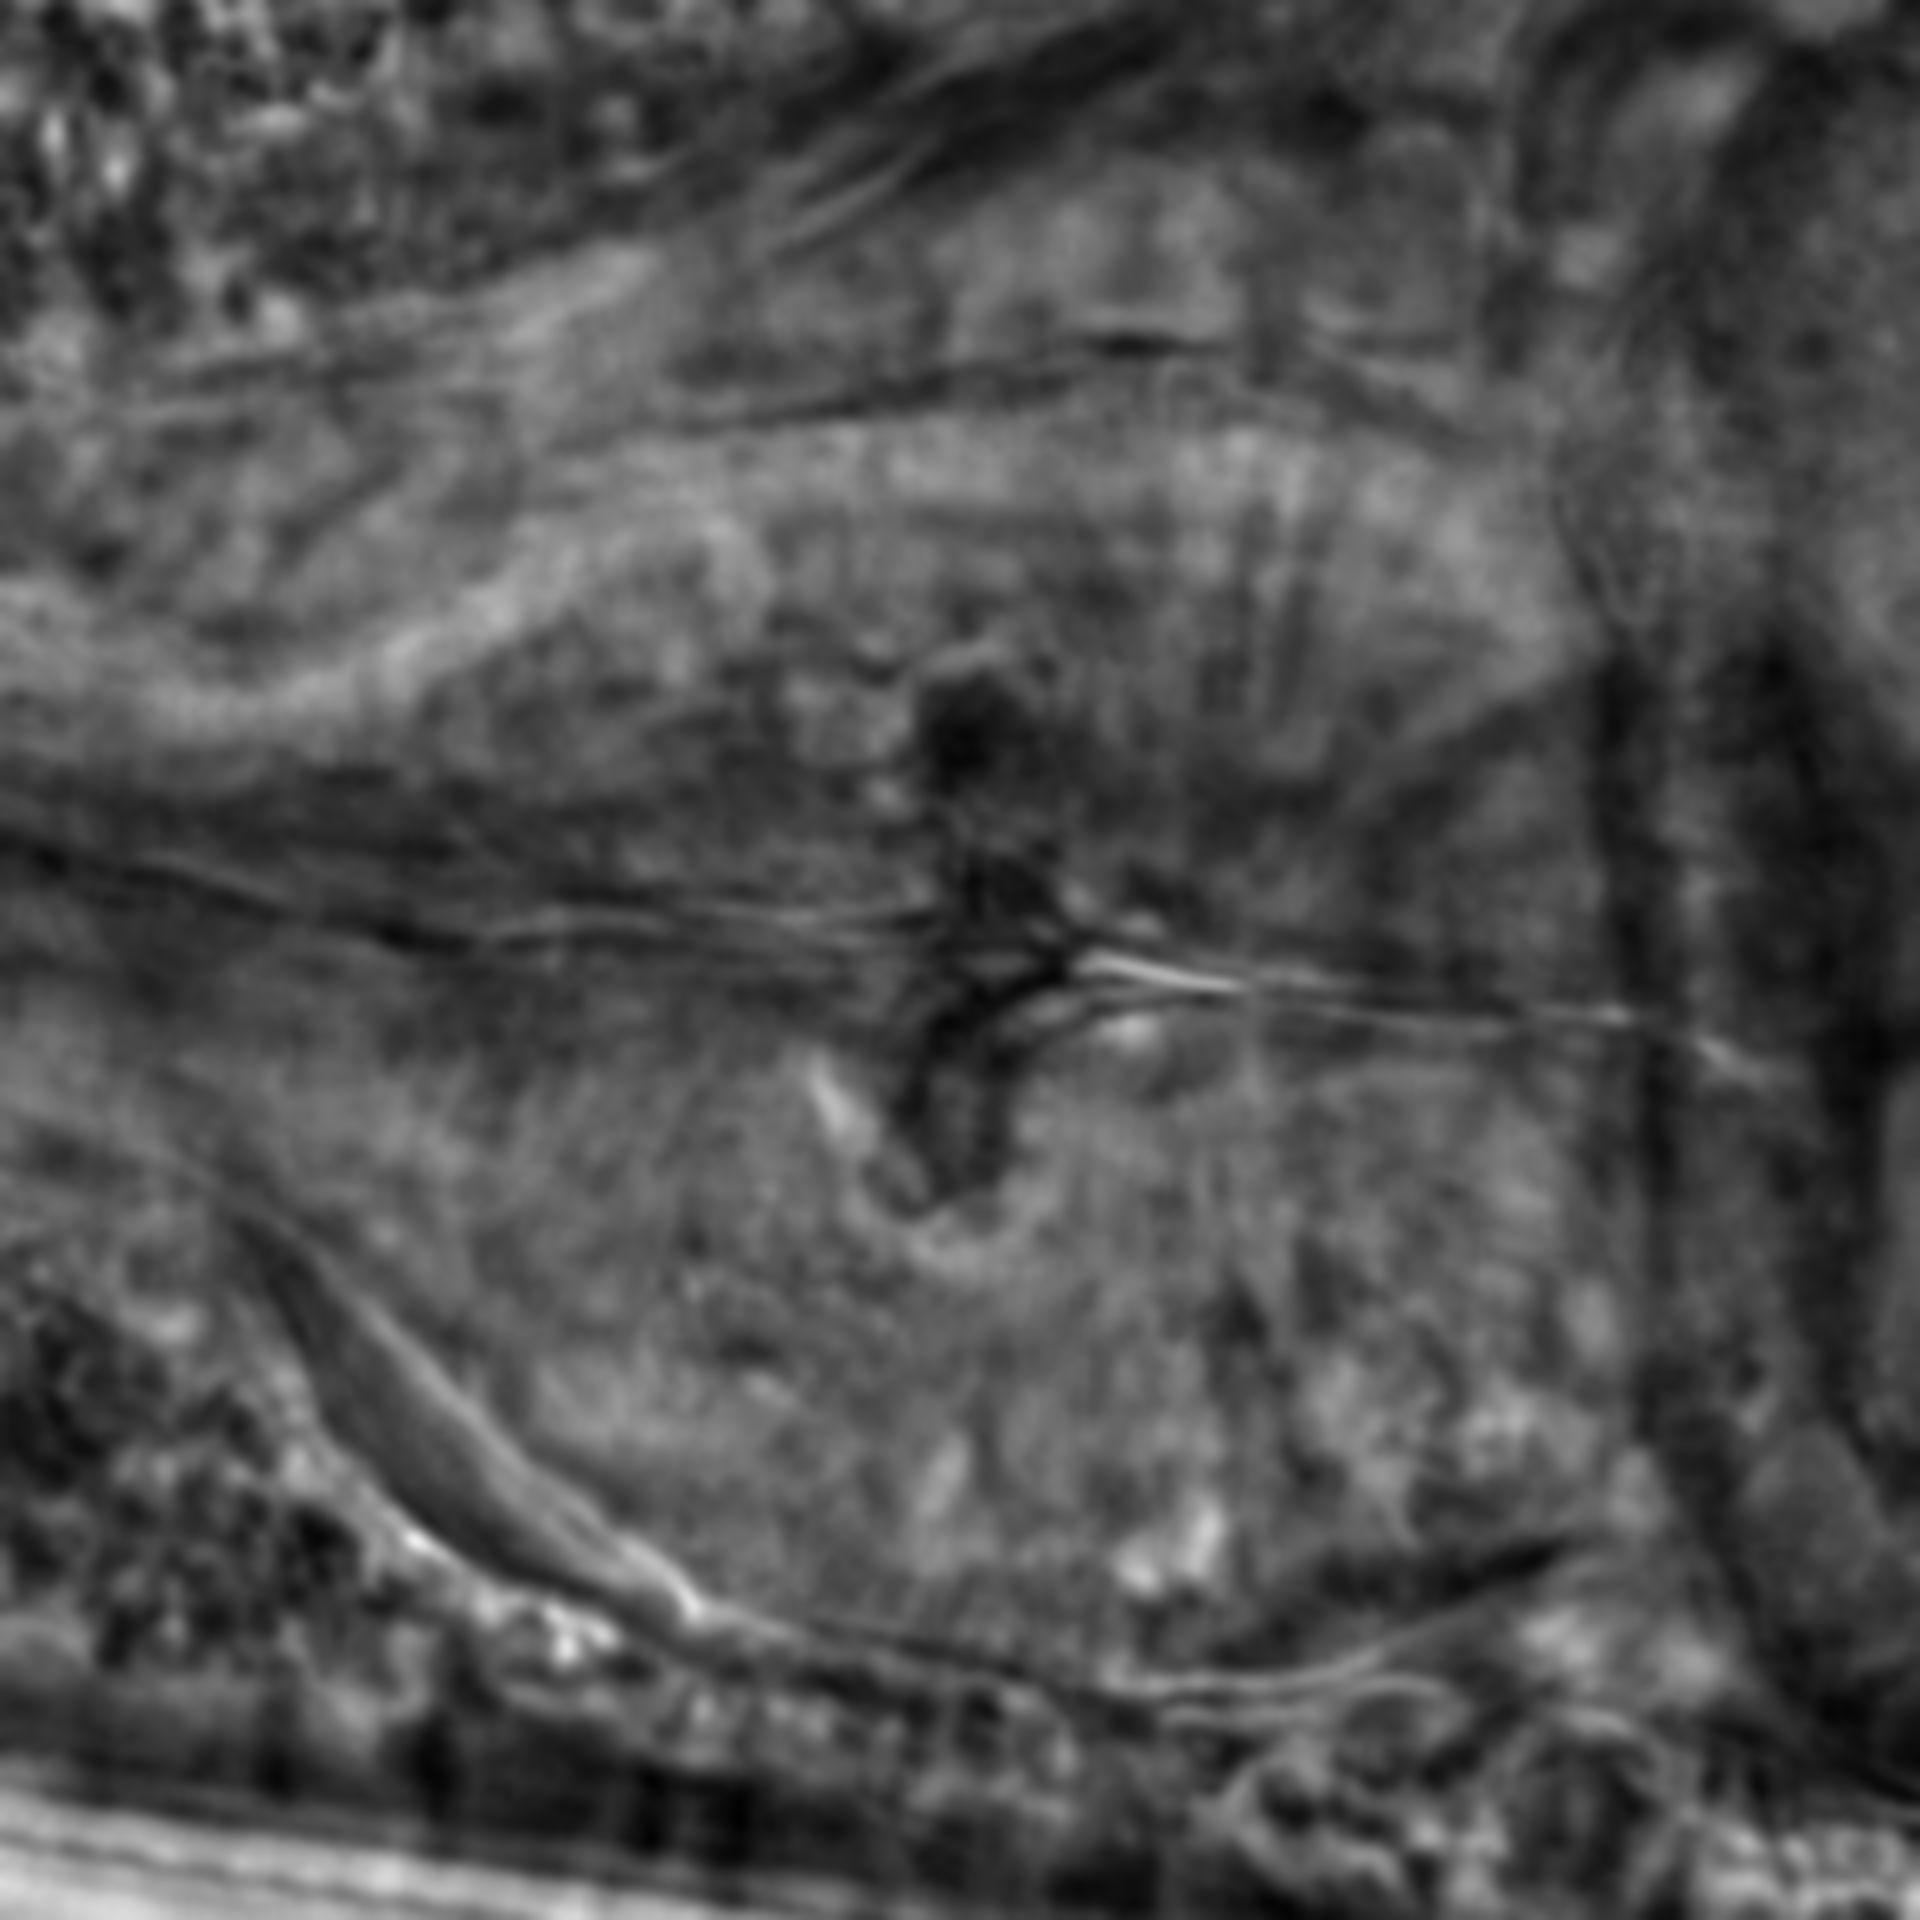 Caenorhabditis elegans - CIL:1992